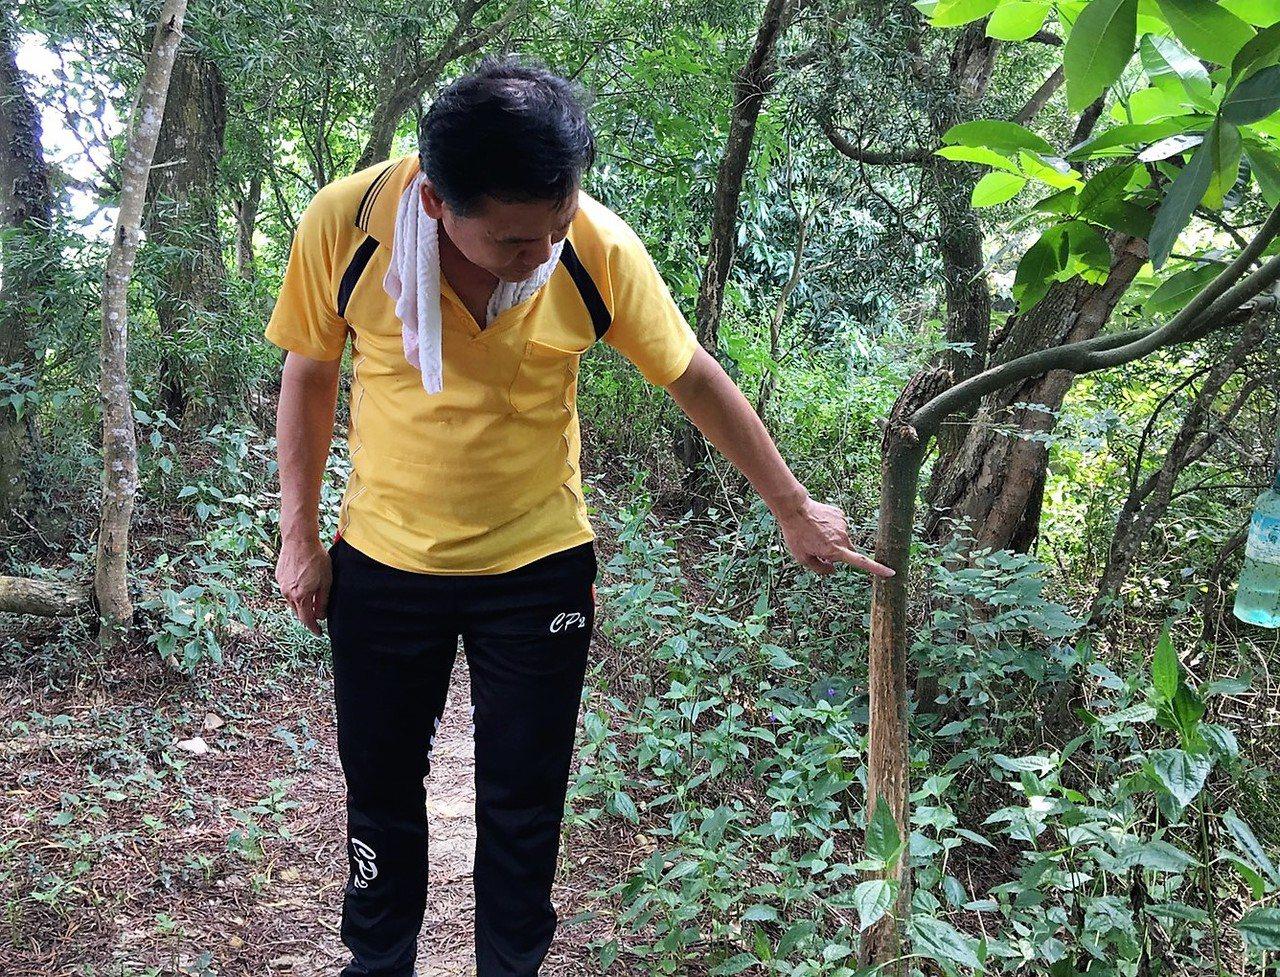 山友發現清水岩寺後方步道樹幹上出現被水鹿摩擦過的痕跡。圖/民眾提供